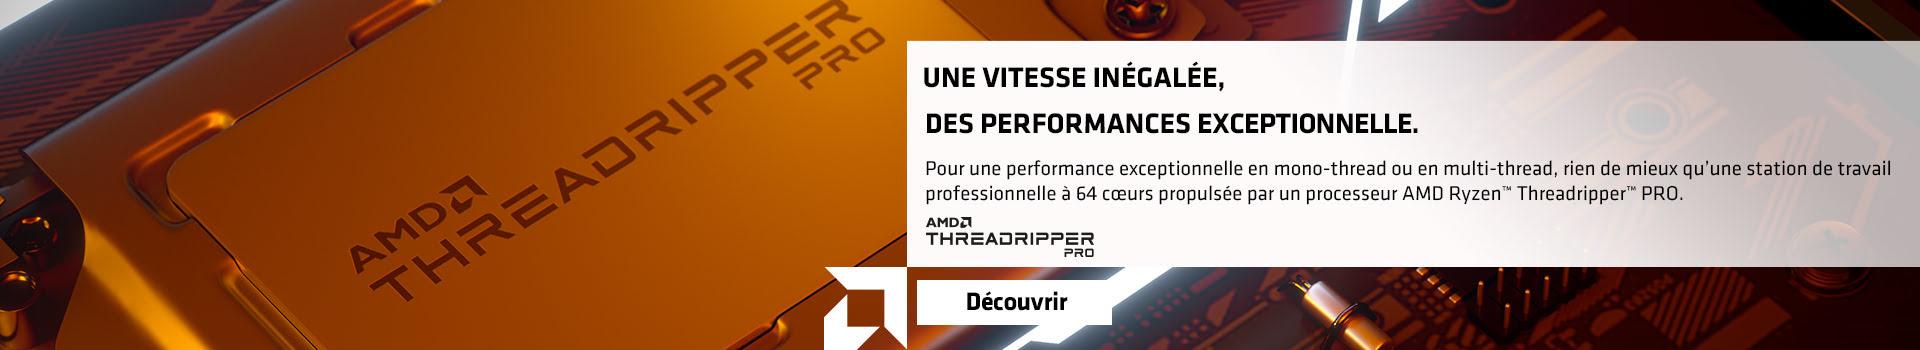 AMD - MDF - Q2Y2021 - Threadripper